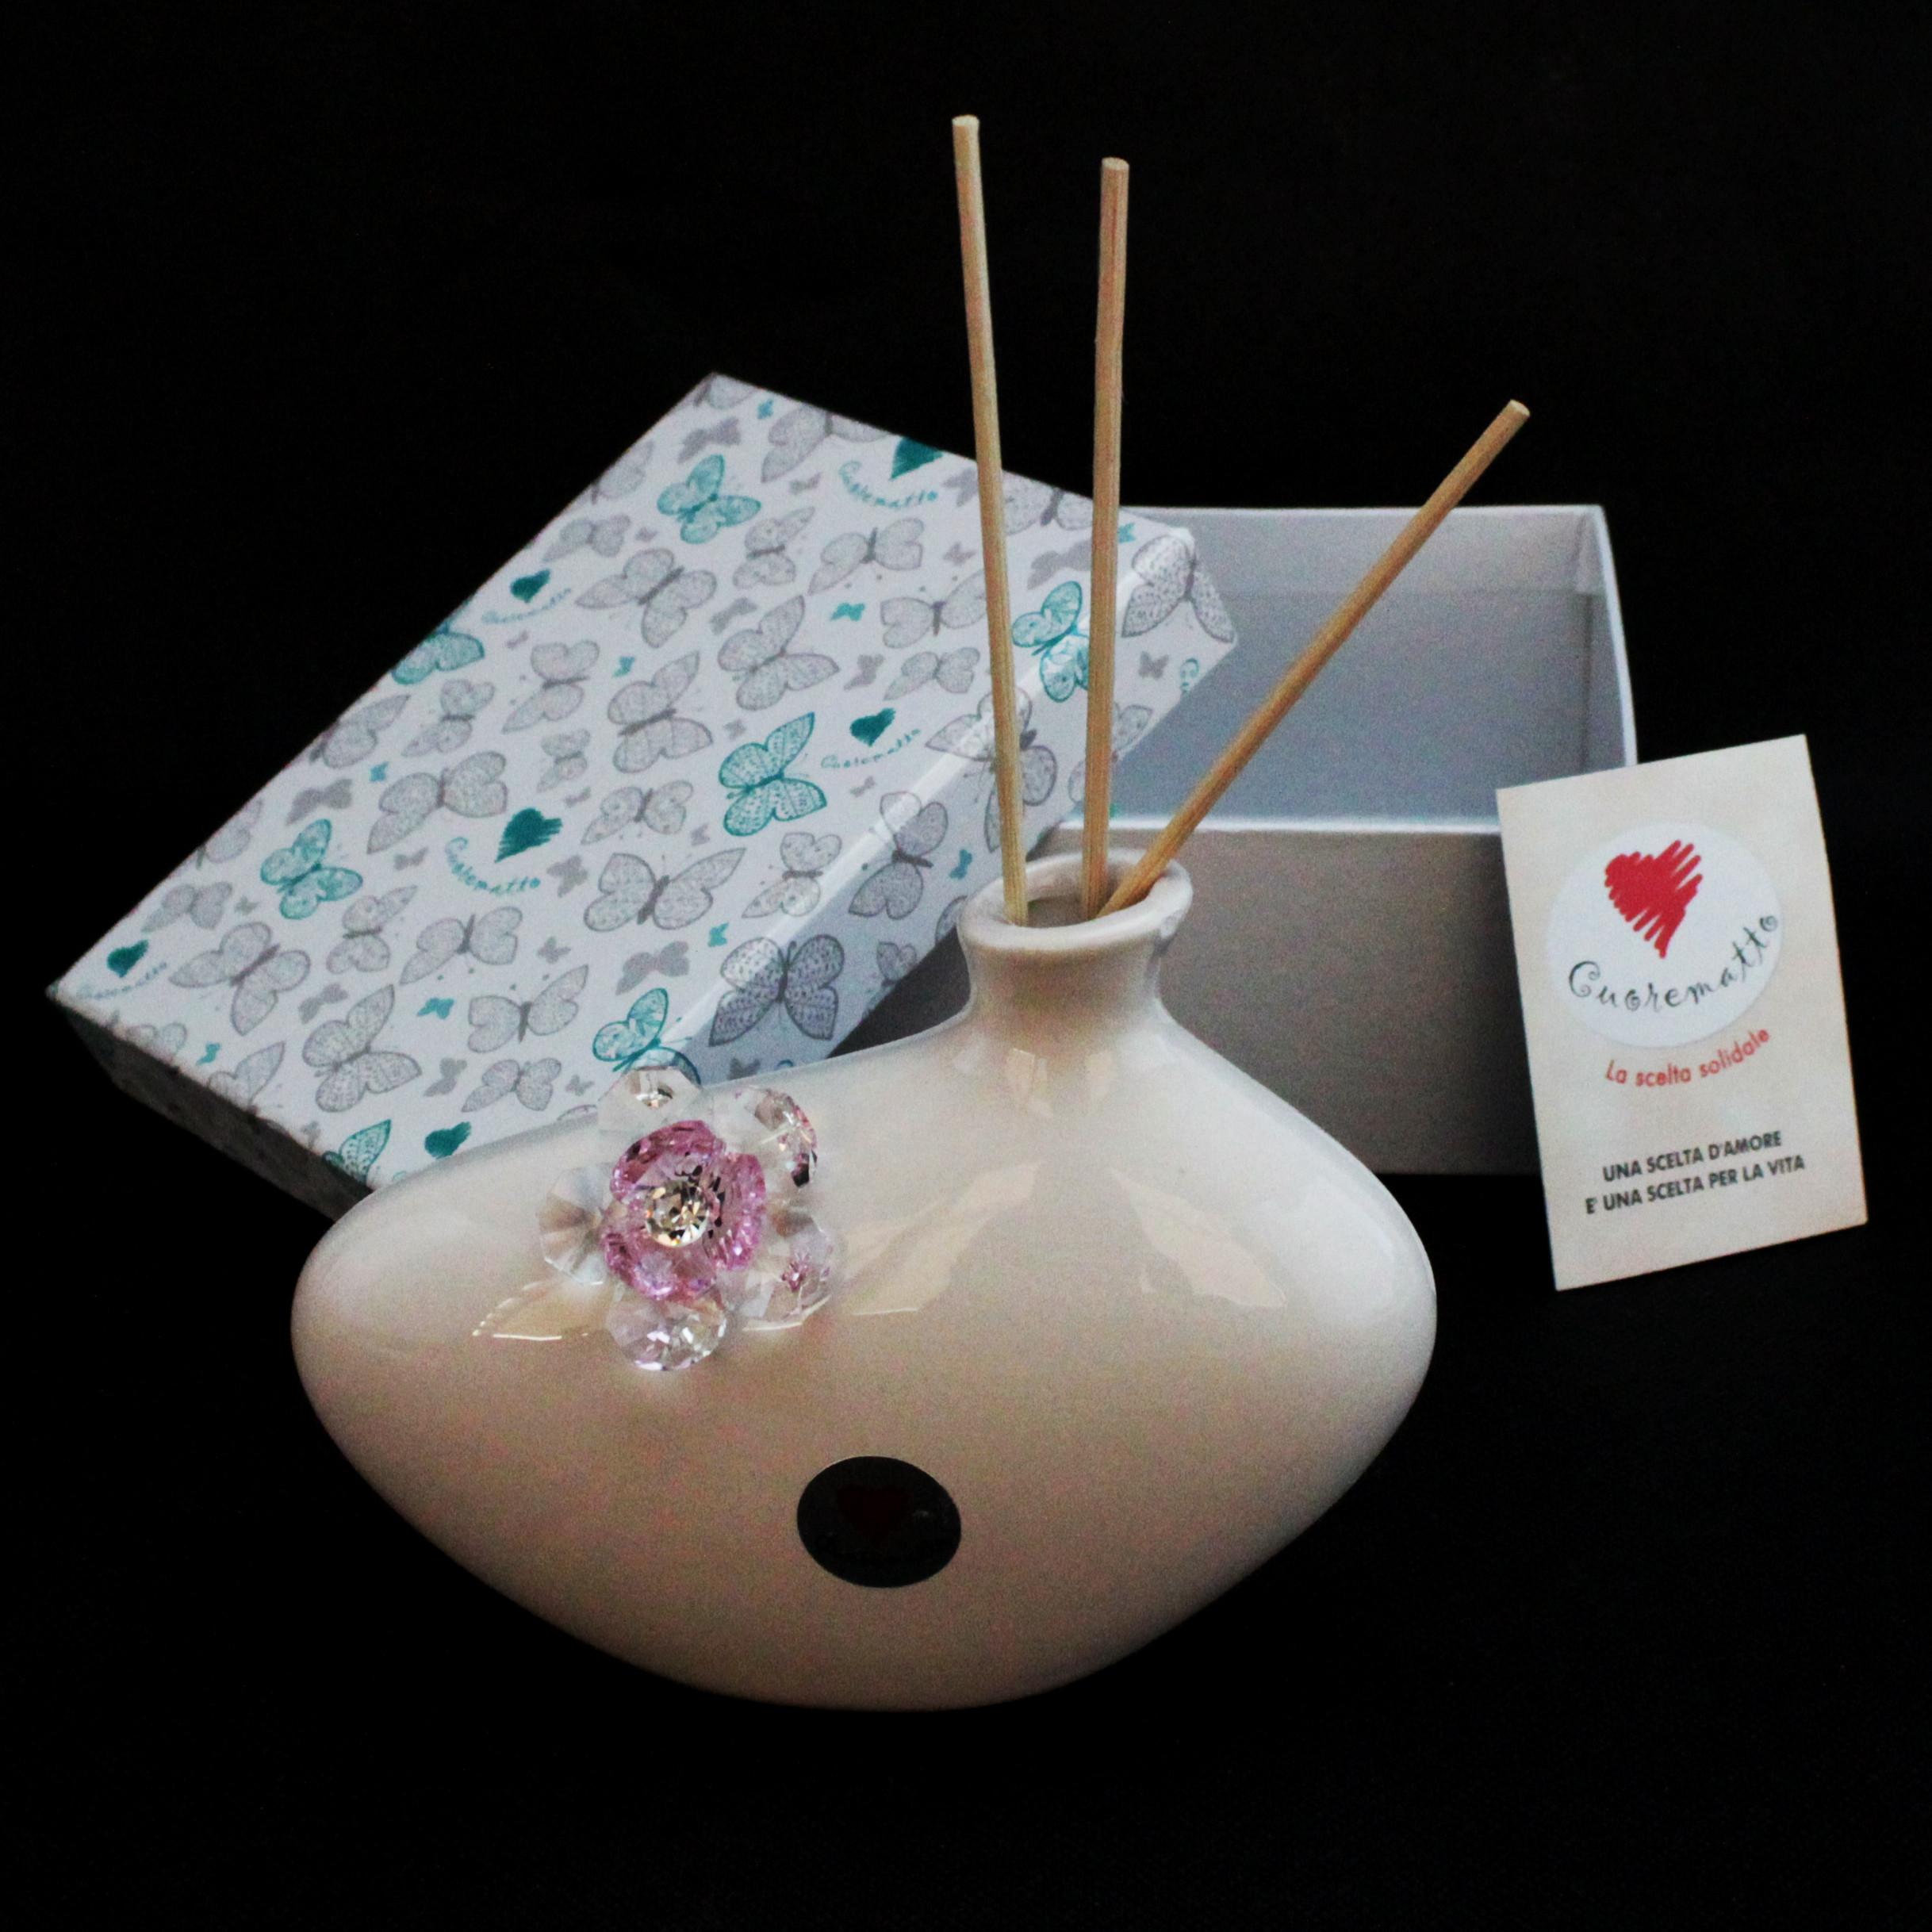 Profumatore in ceramica con fiore cristallo_Rosa